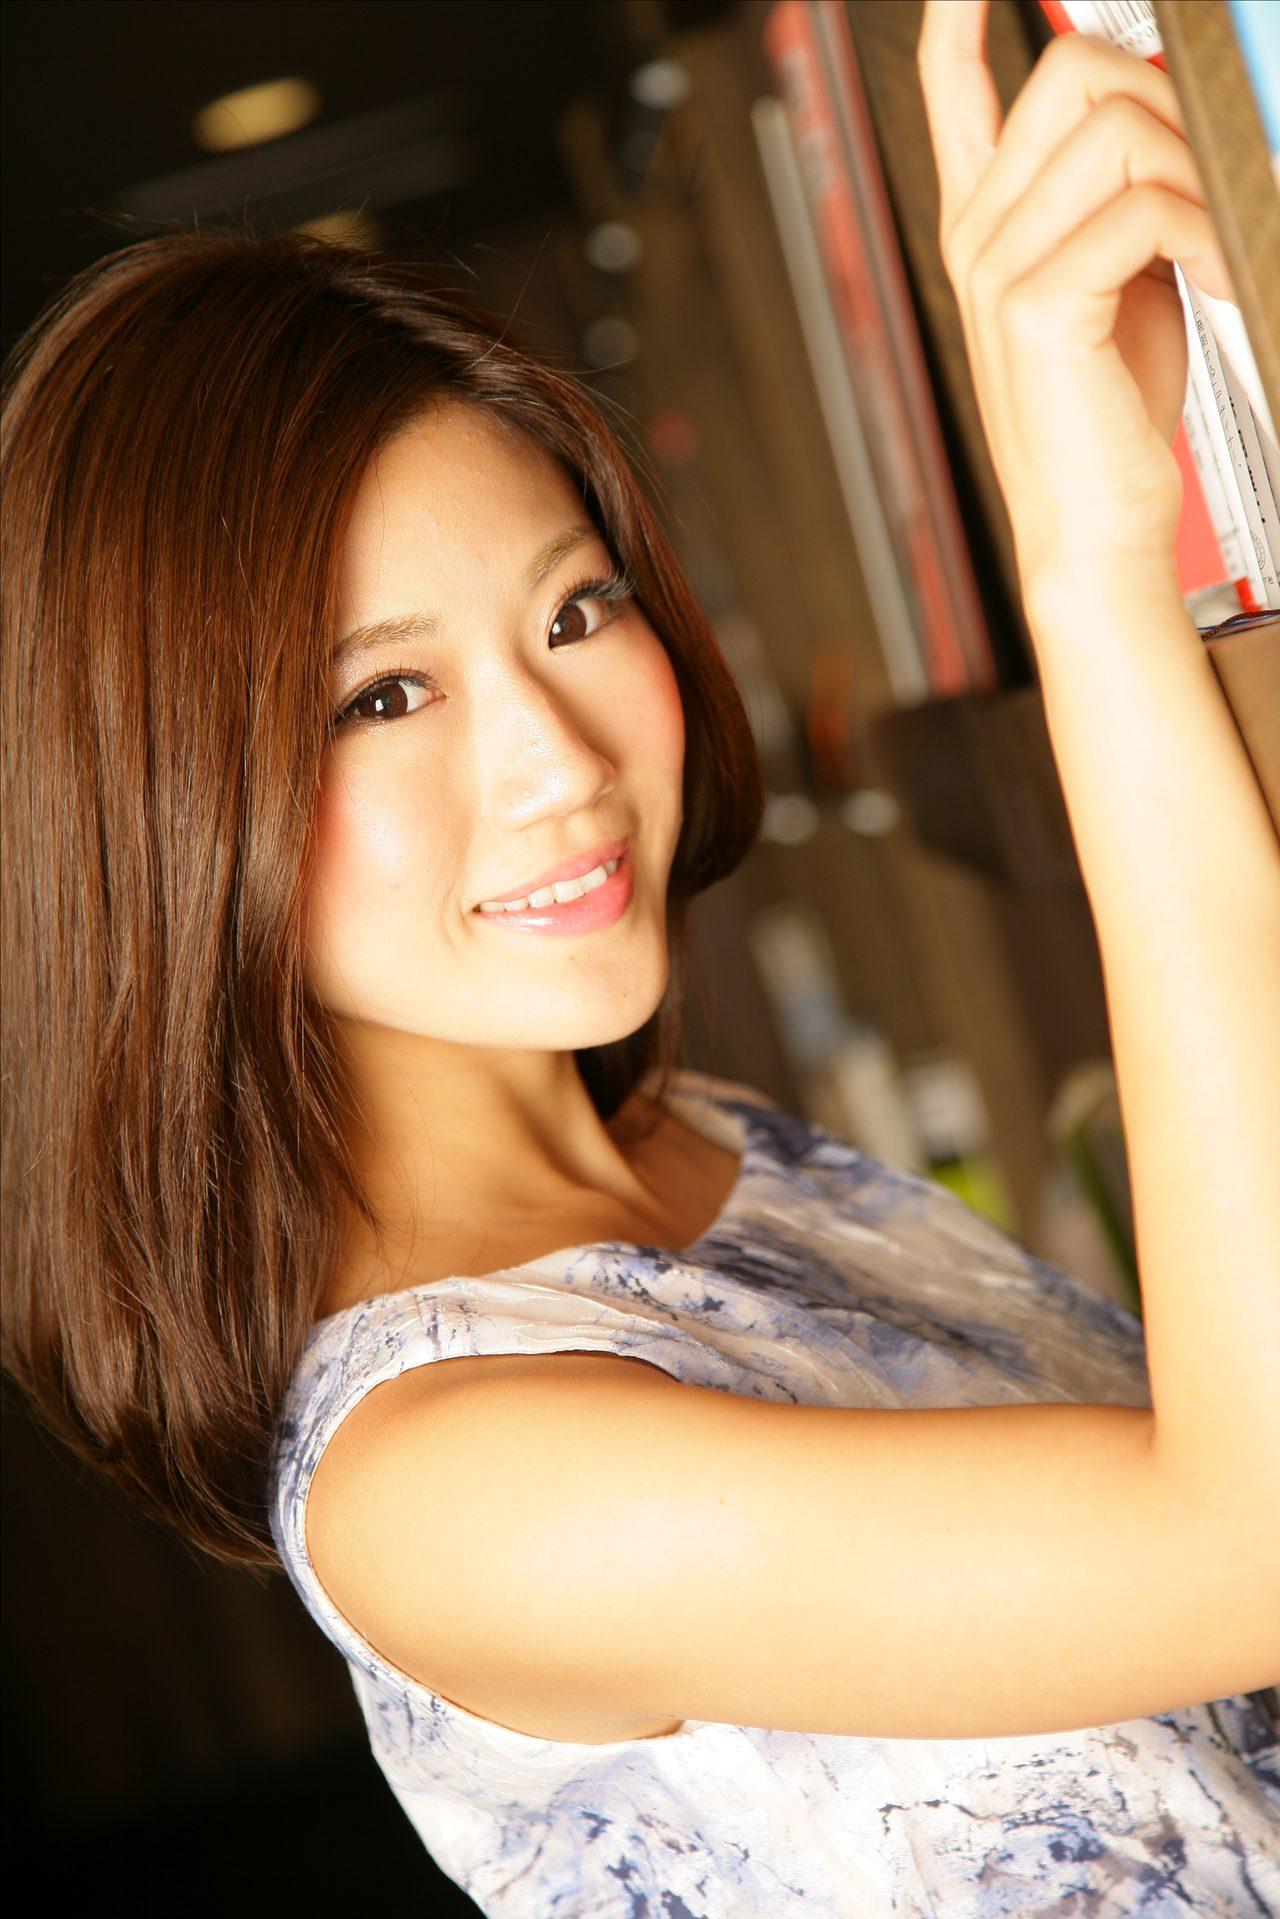 画像: カワコレイメージモデル 黒須さおり